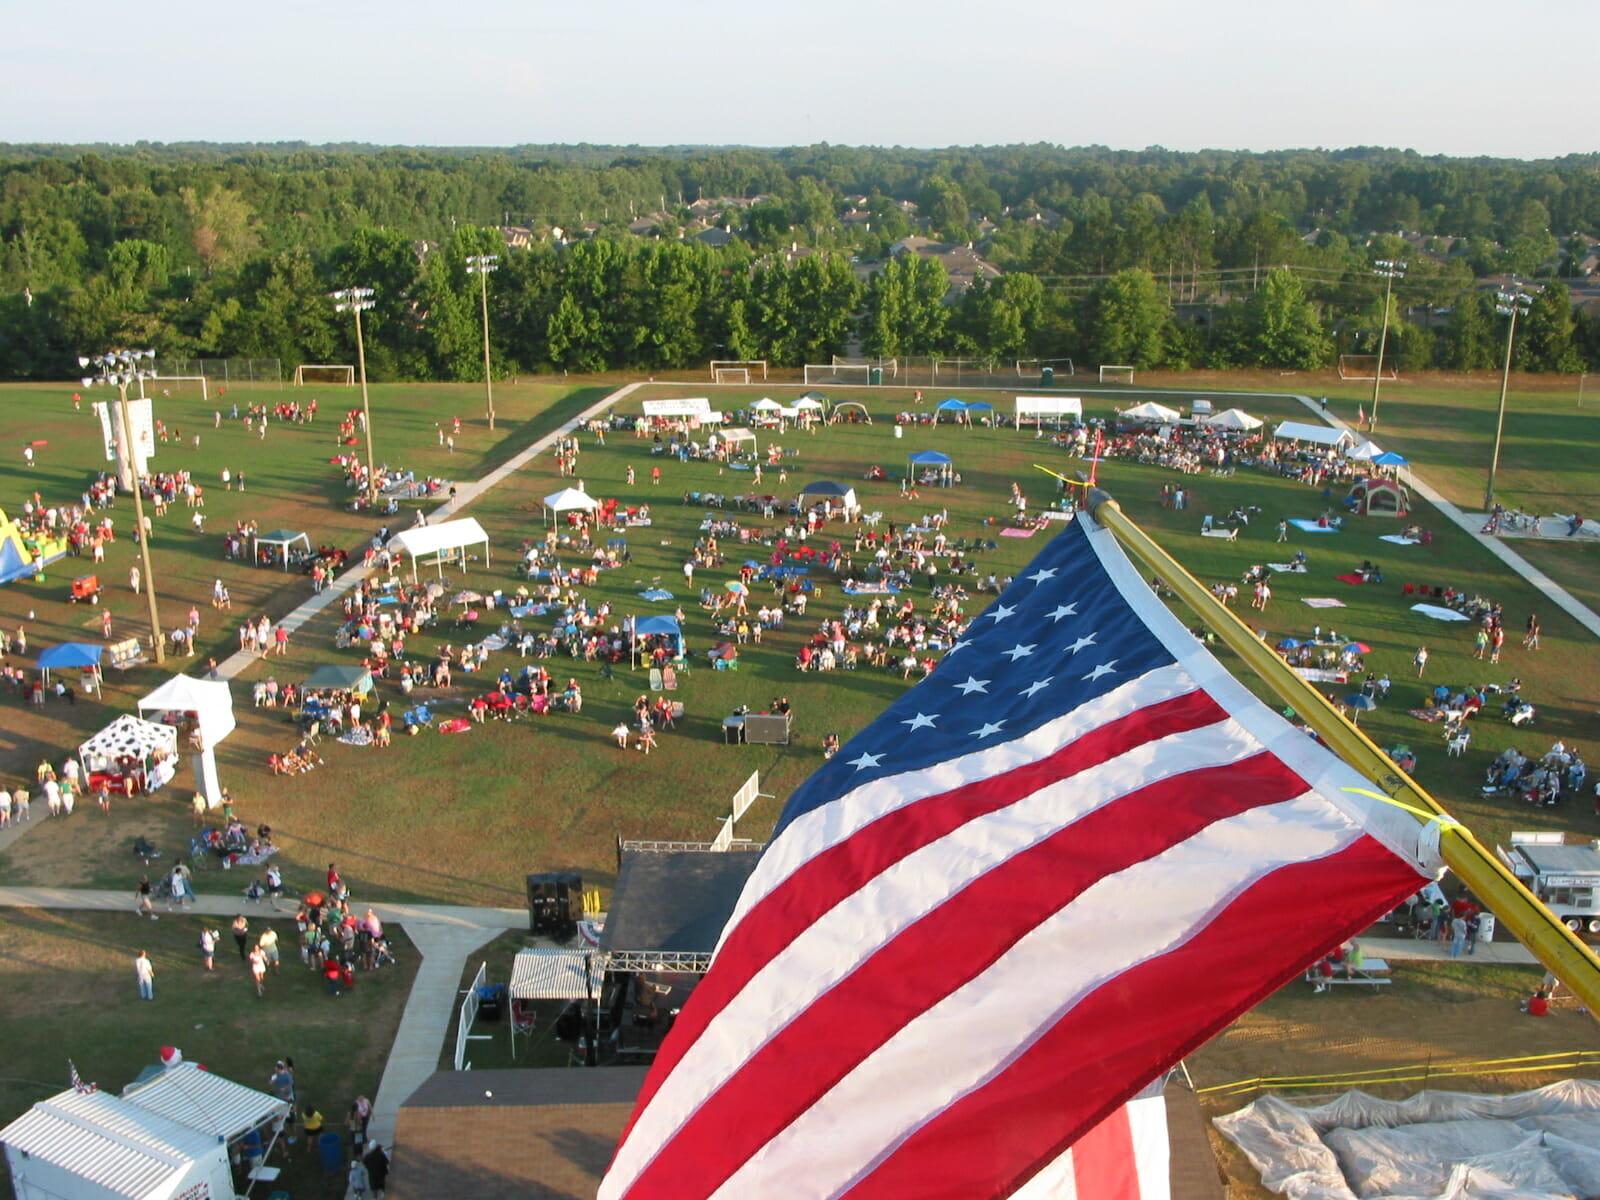 July 4, 2005 Aerial